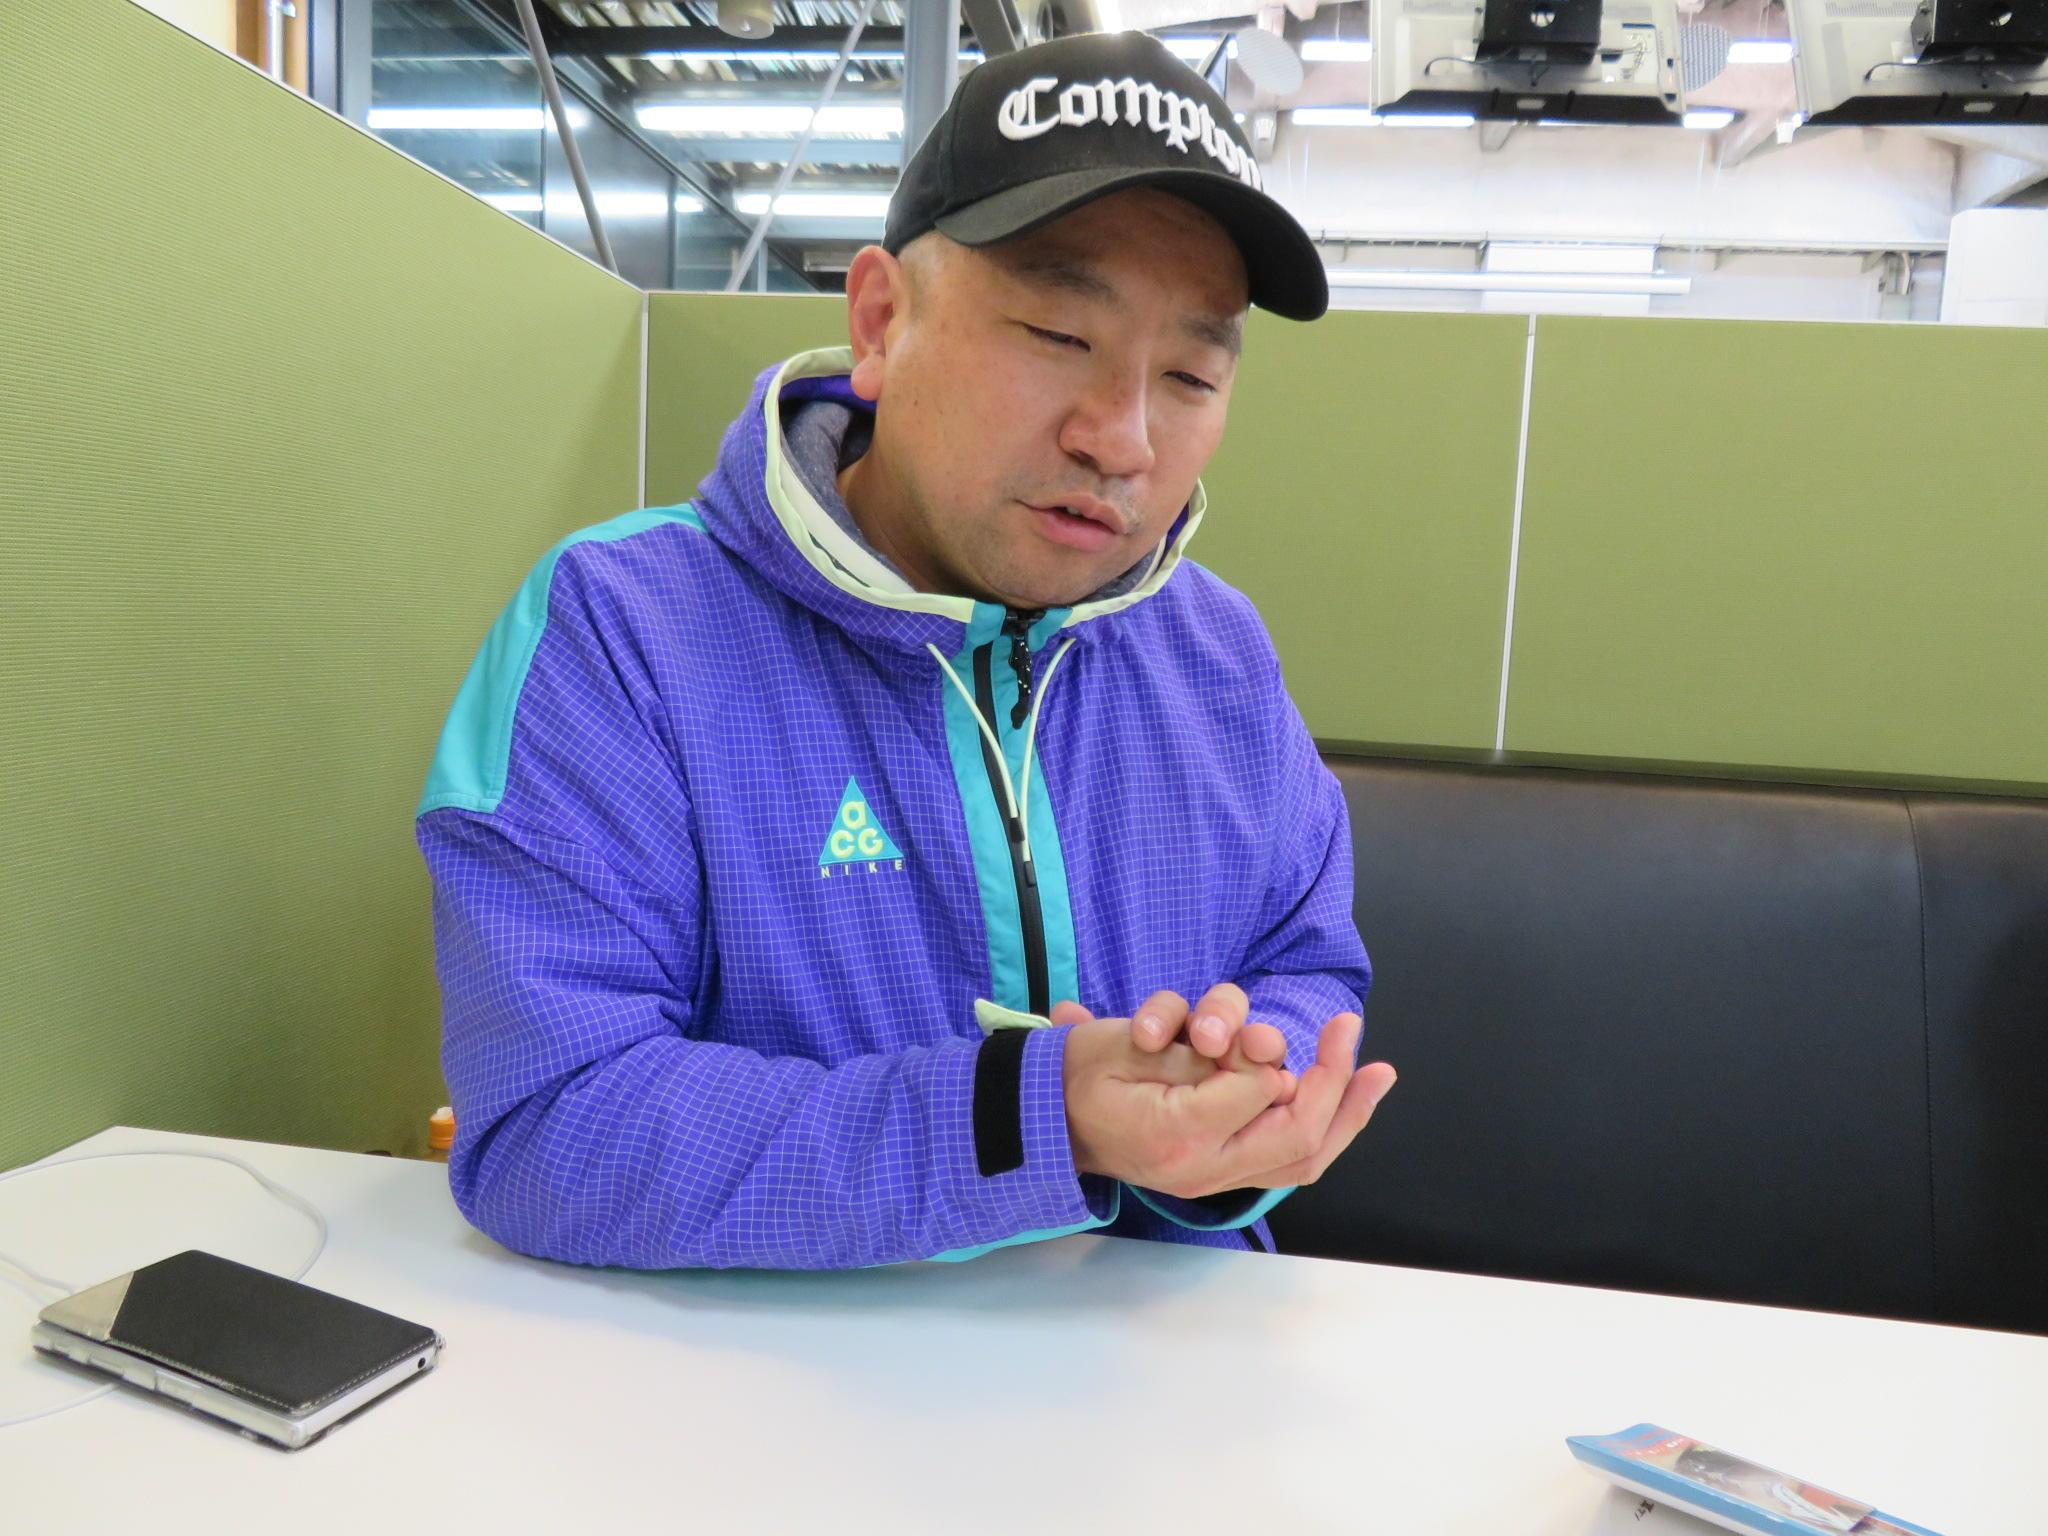 http://news.yoshimoto.co.jp/20181229124811-bf40fda915301424ba6dfd24c9cf35327bc1598e.jpg